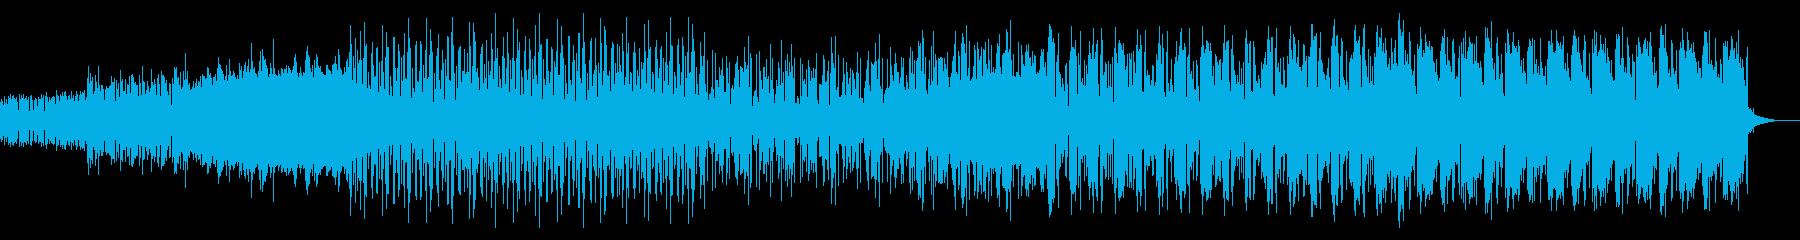 シンプルなアルペジオのテクノ05の再生済みの波形